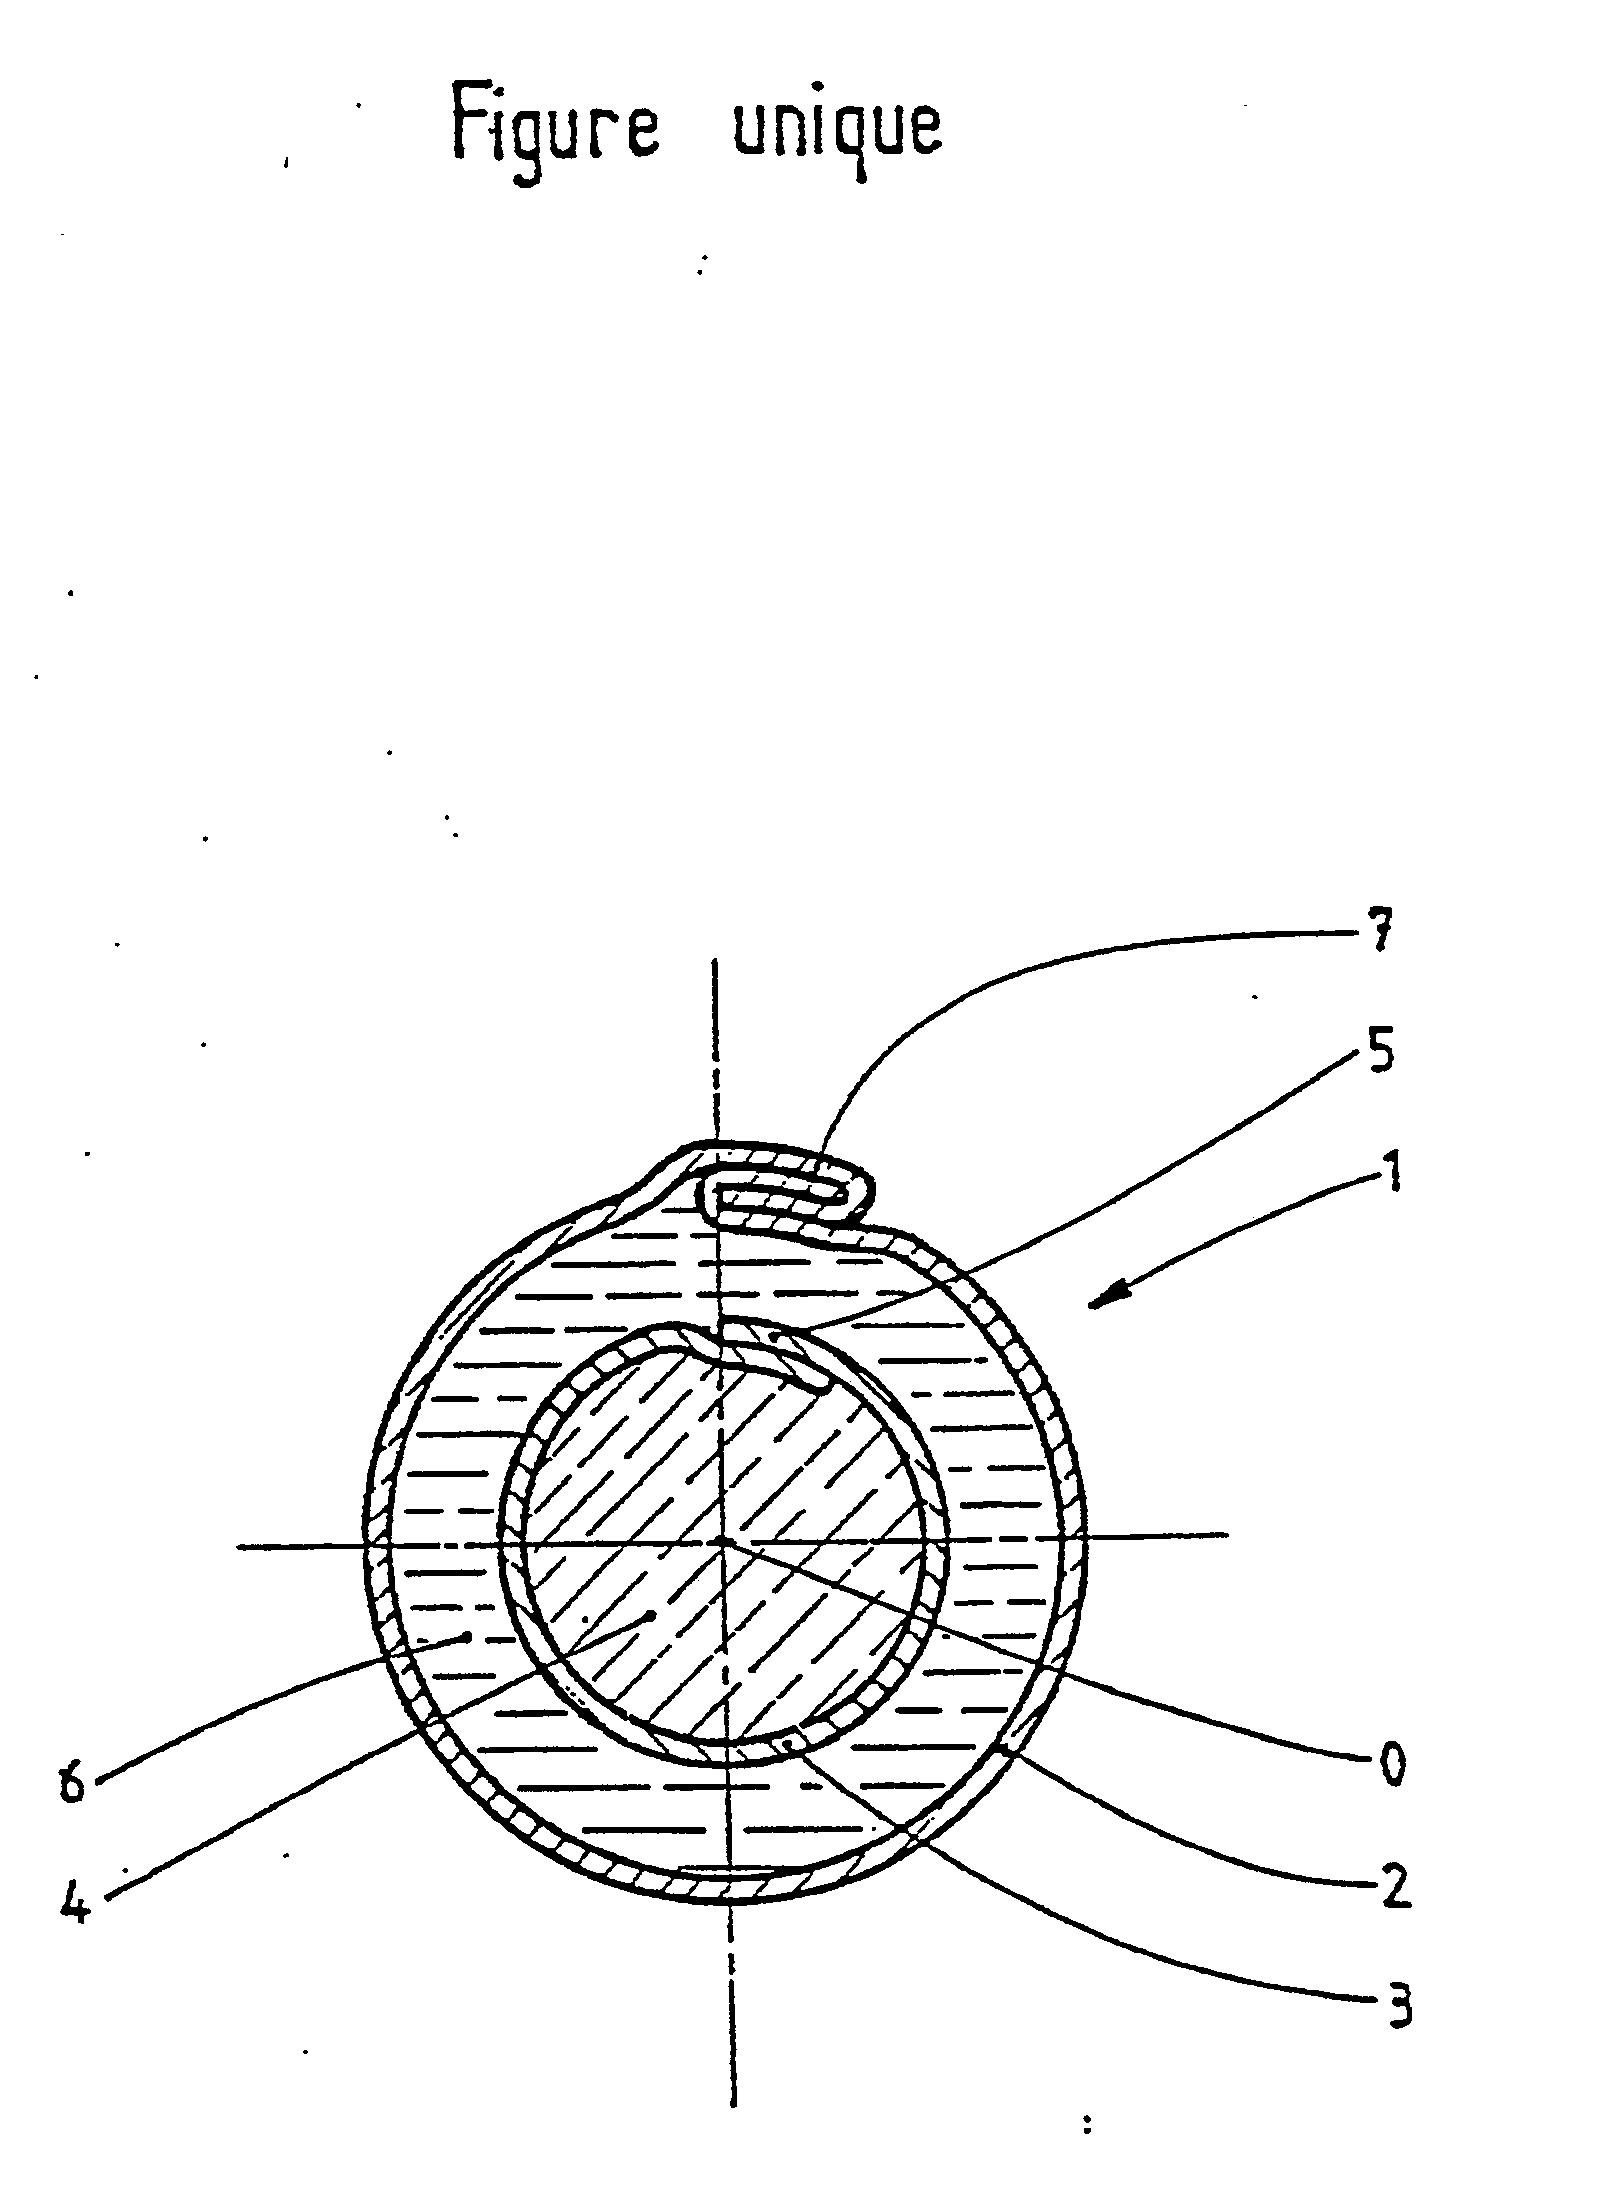 工程图 简笔画 平面图 手绘 线稿 1624_2194 竖版 竖屏